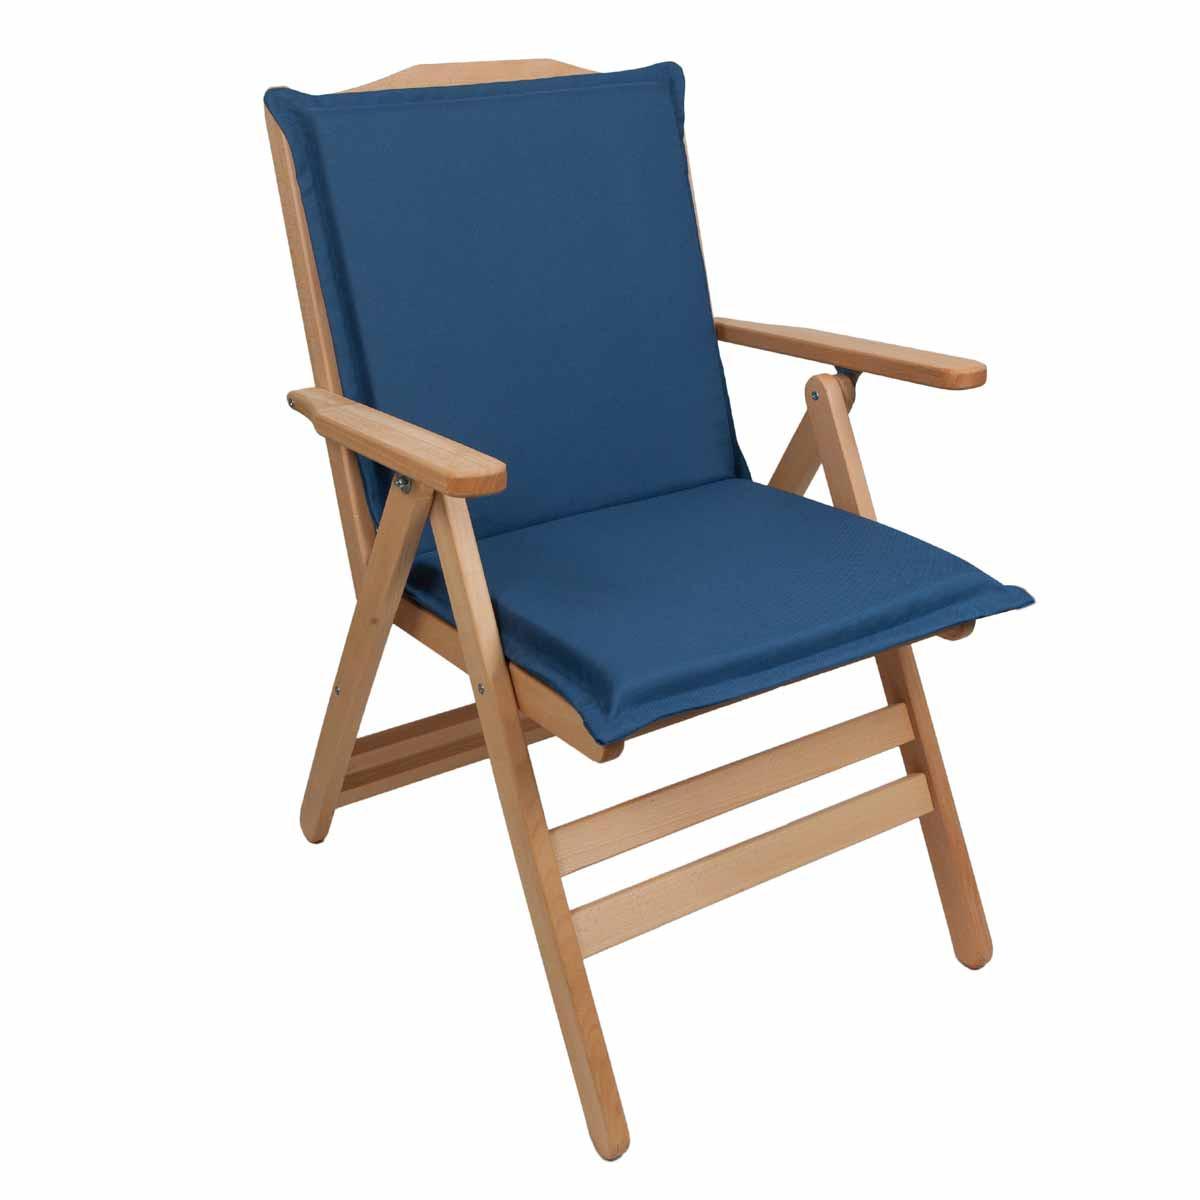 Μαξιλάρι Καρέκλας Με Πλάτη 92cm Be Comfy Blue 202